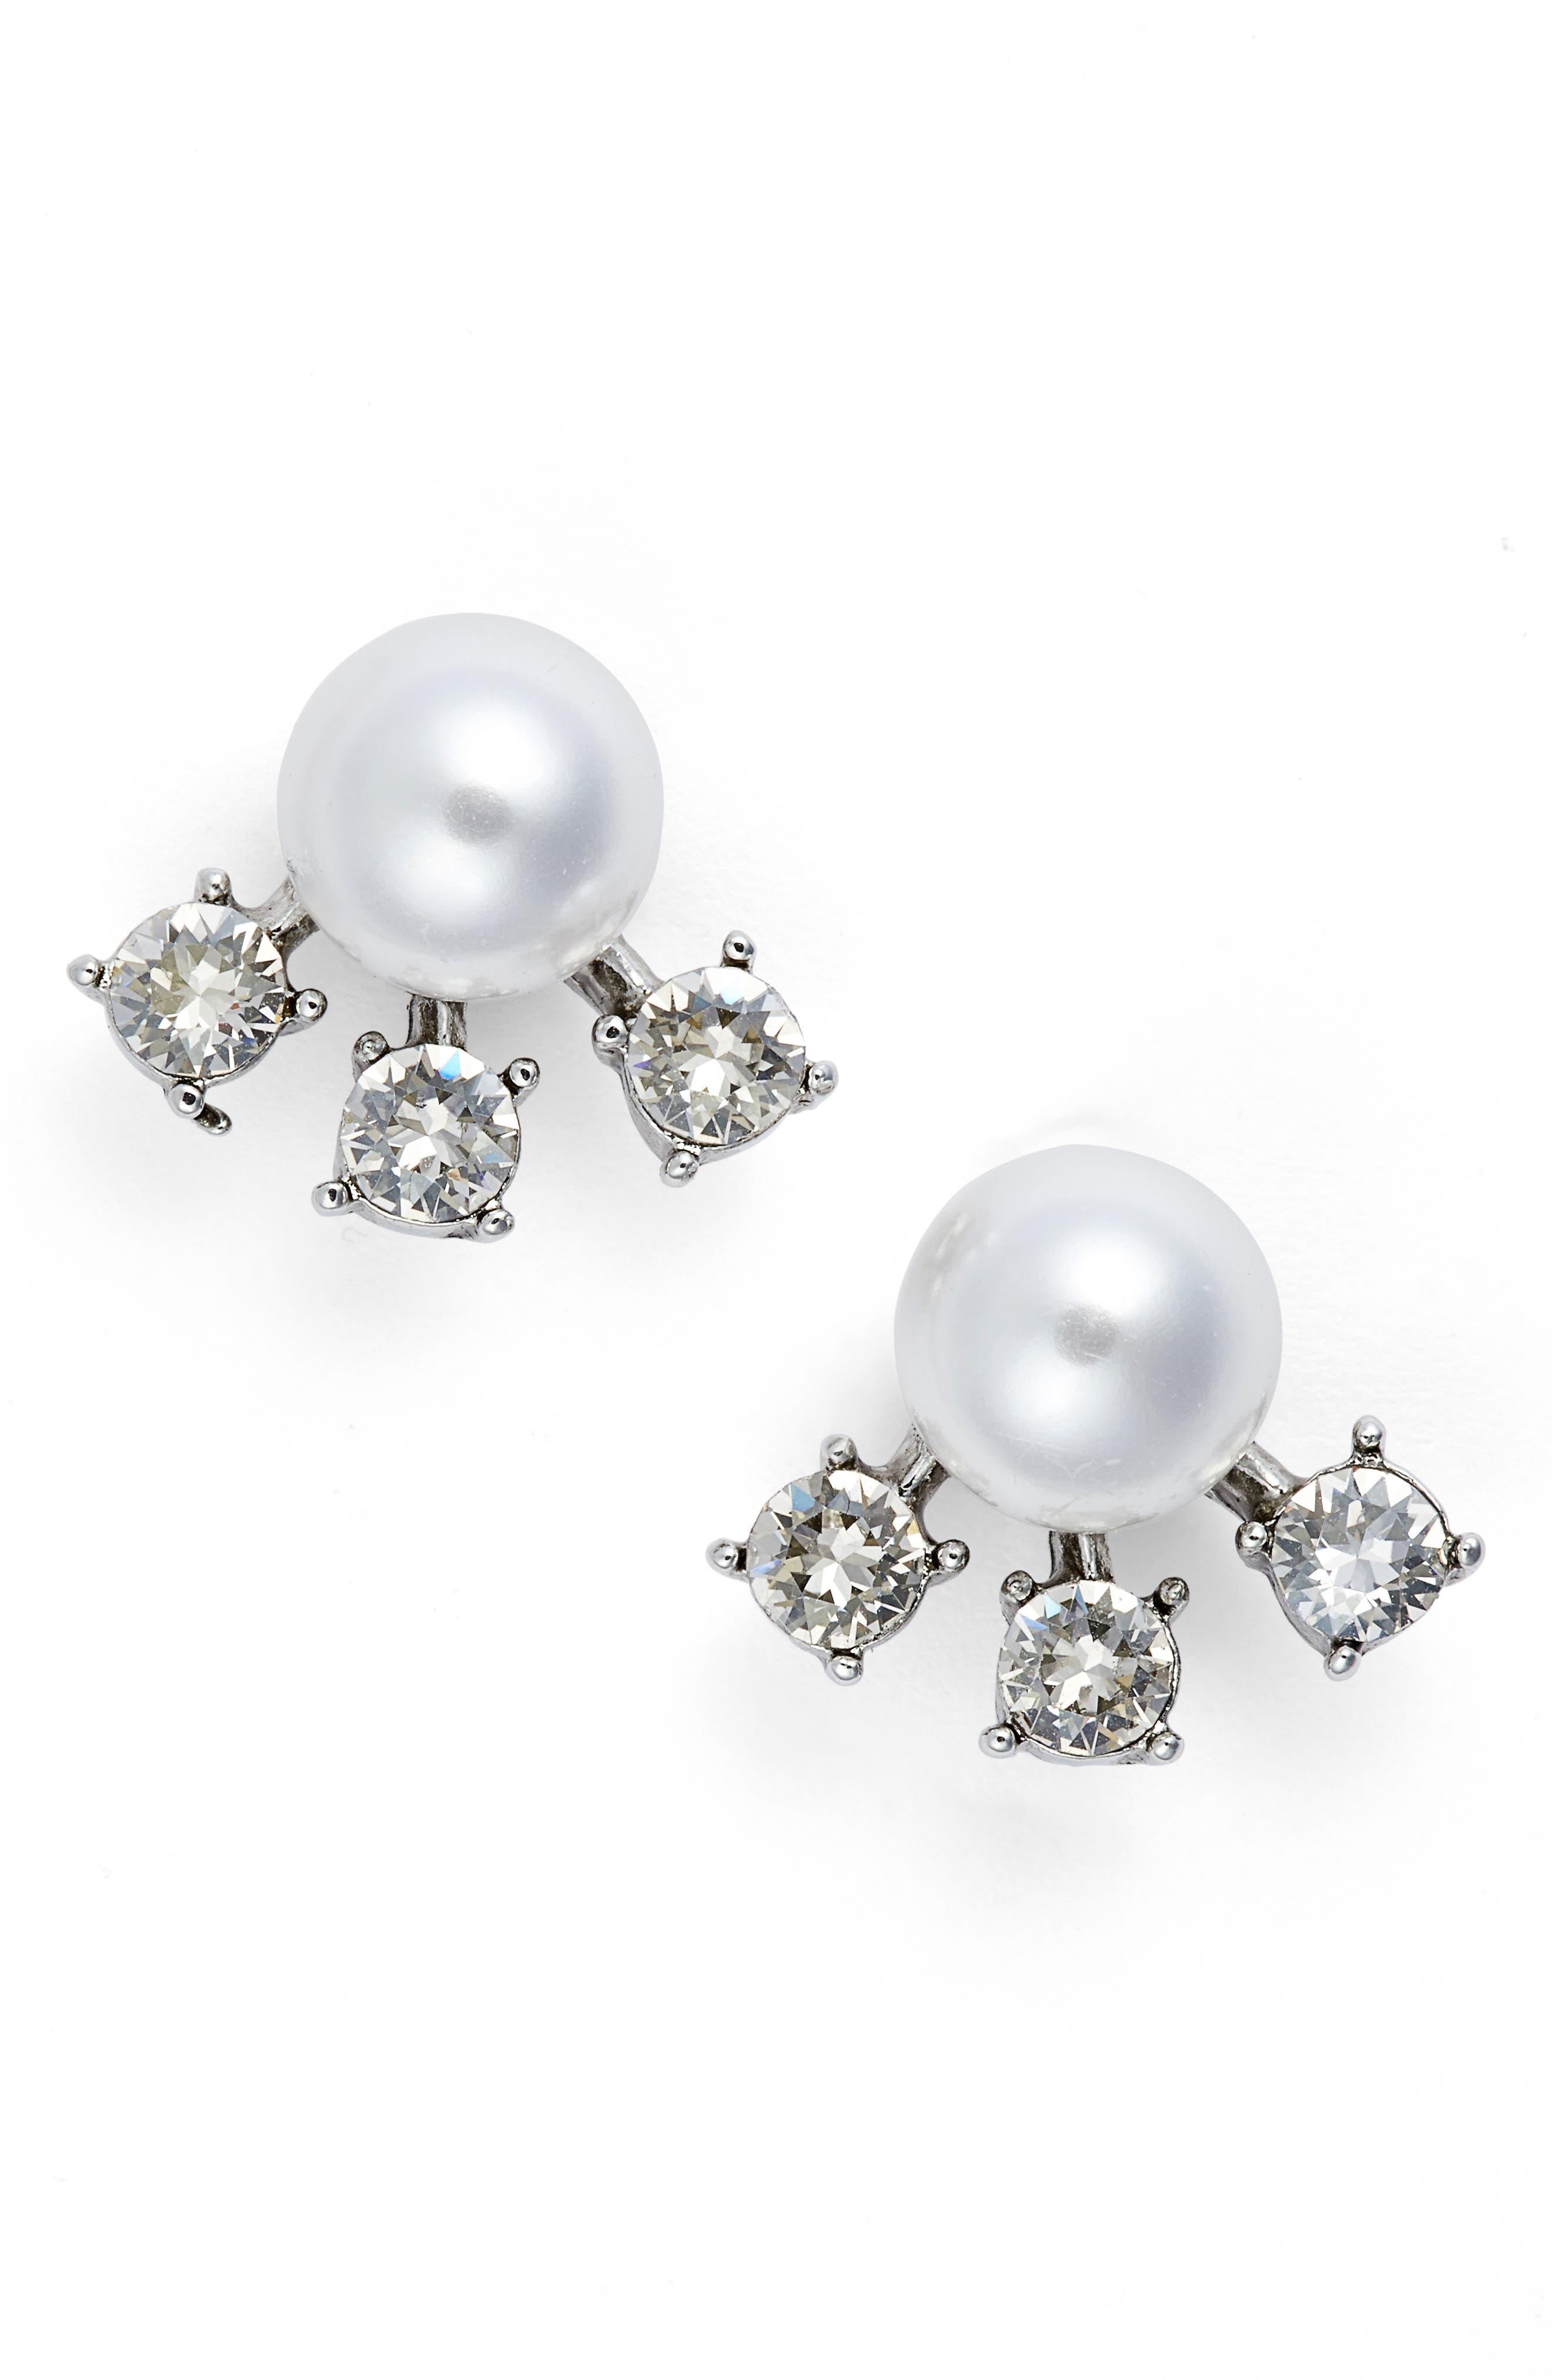 Simulated Pearl & Crystal Ear Jackets,                             Main thumbnail 1, color,                             Crystal Shade / Silver